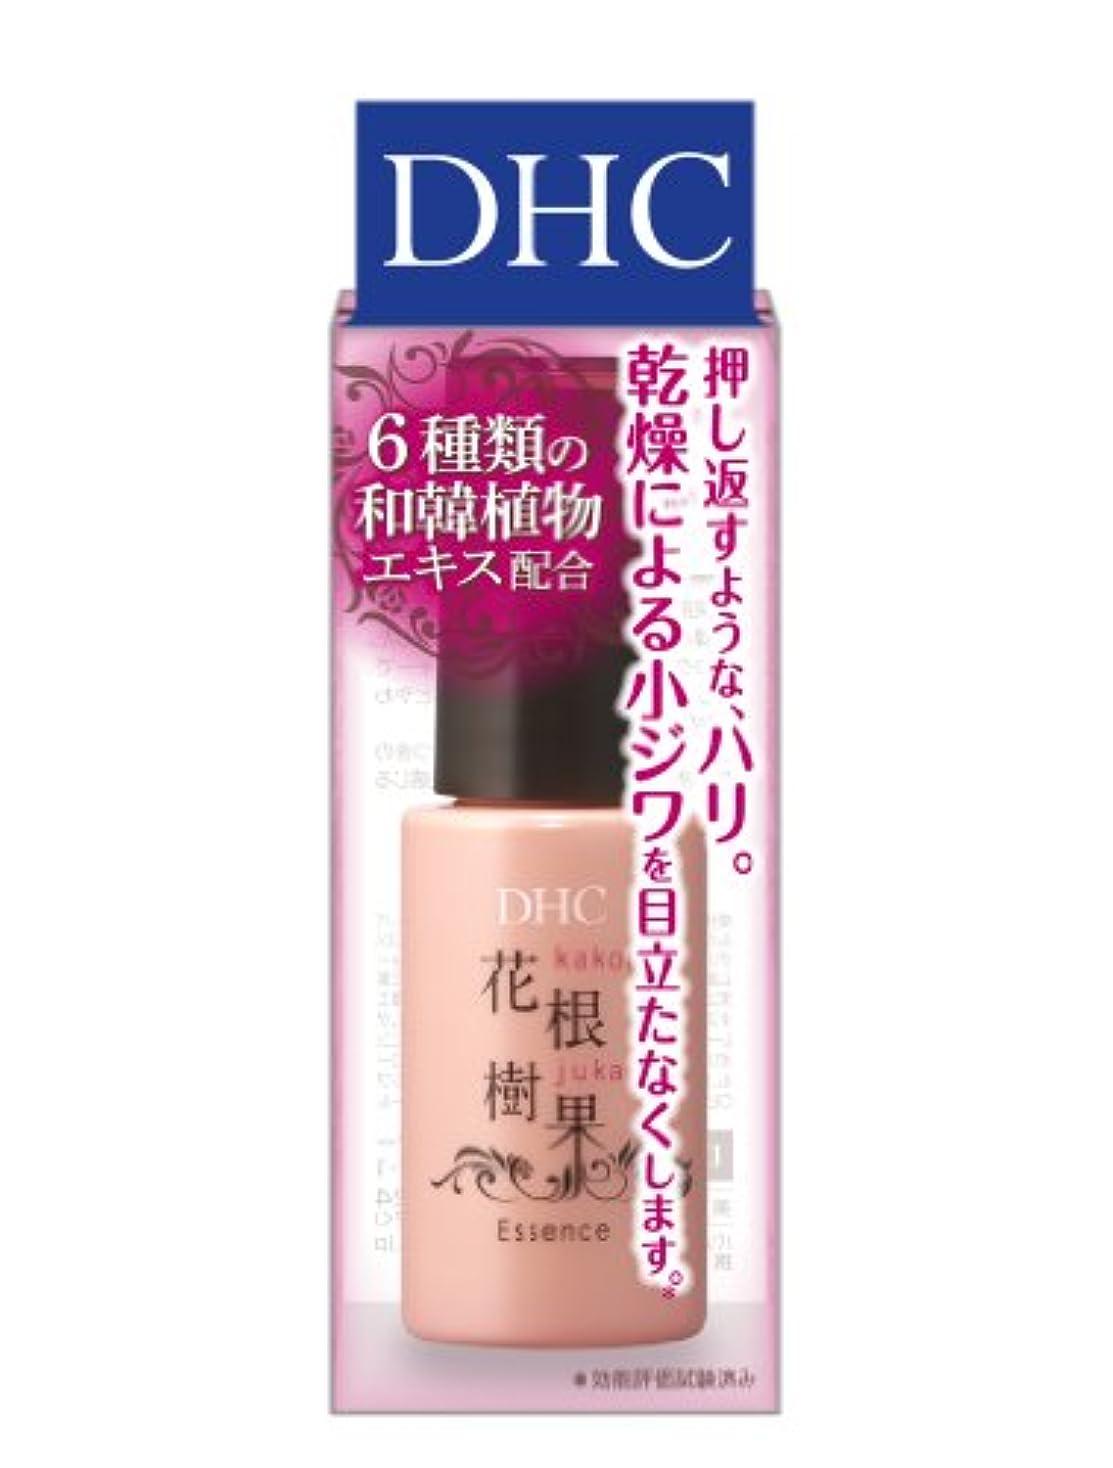 癌応用浅いDHC 花根樹果 エッセンス (SS) 25ml